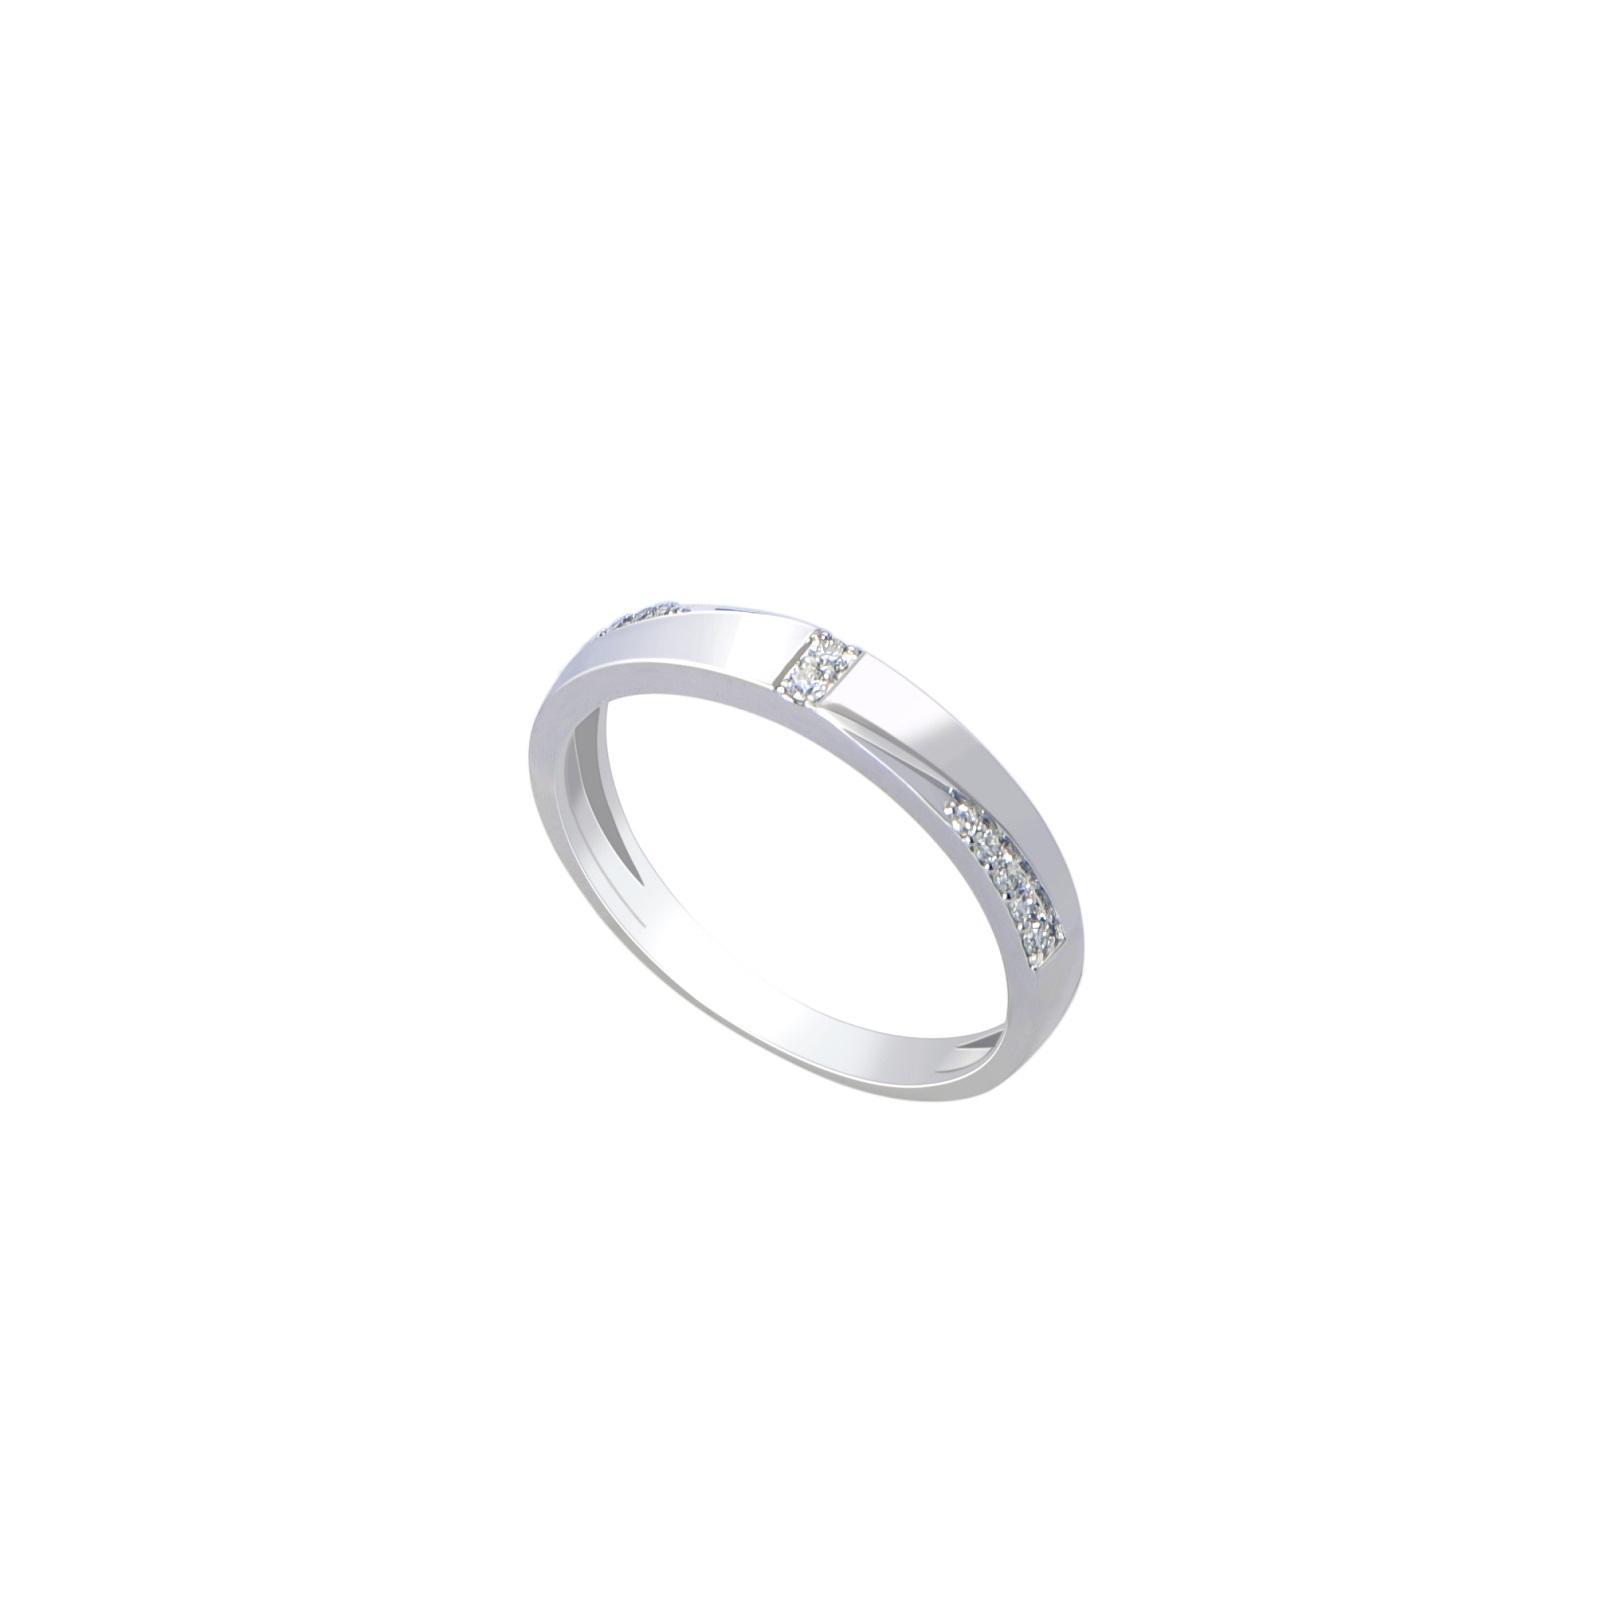 Nhẫn cưới Kim cương nữ 21Q.009NC